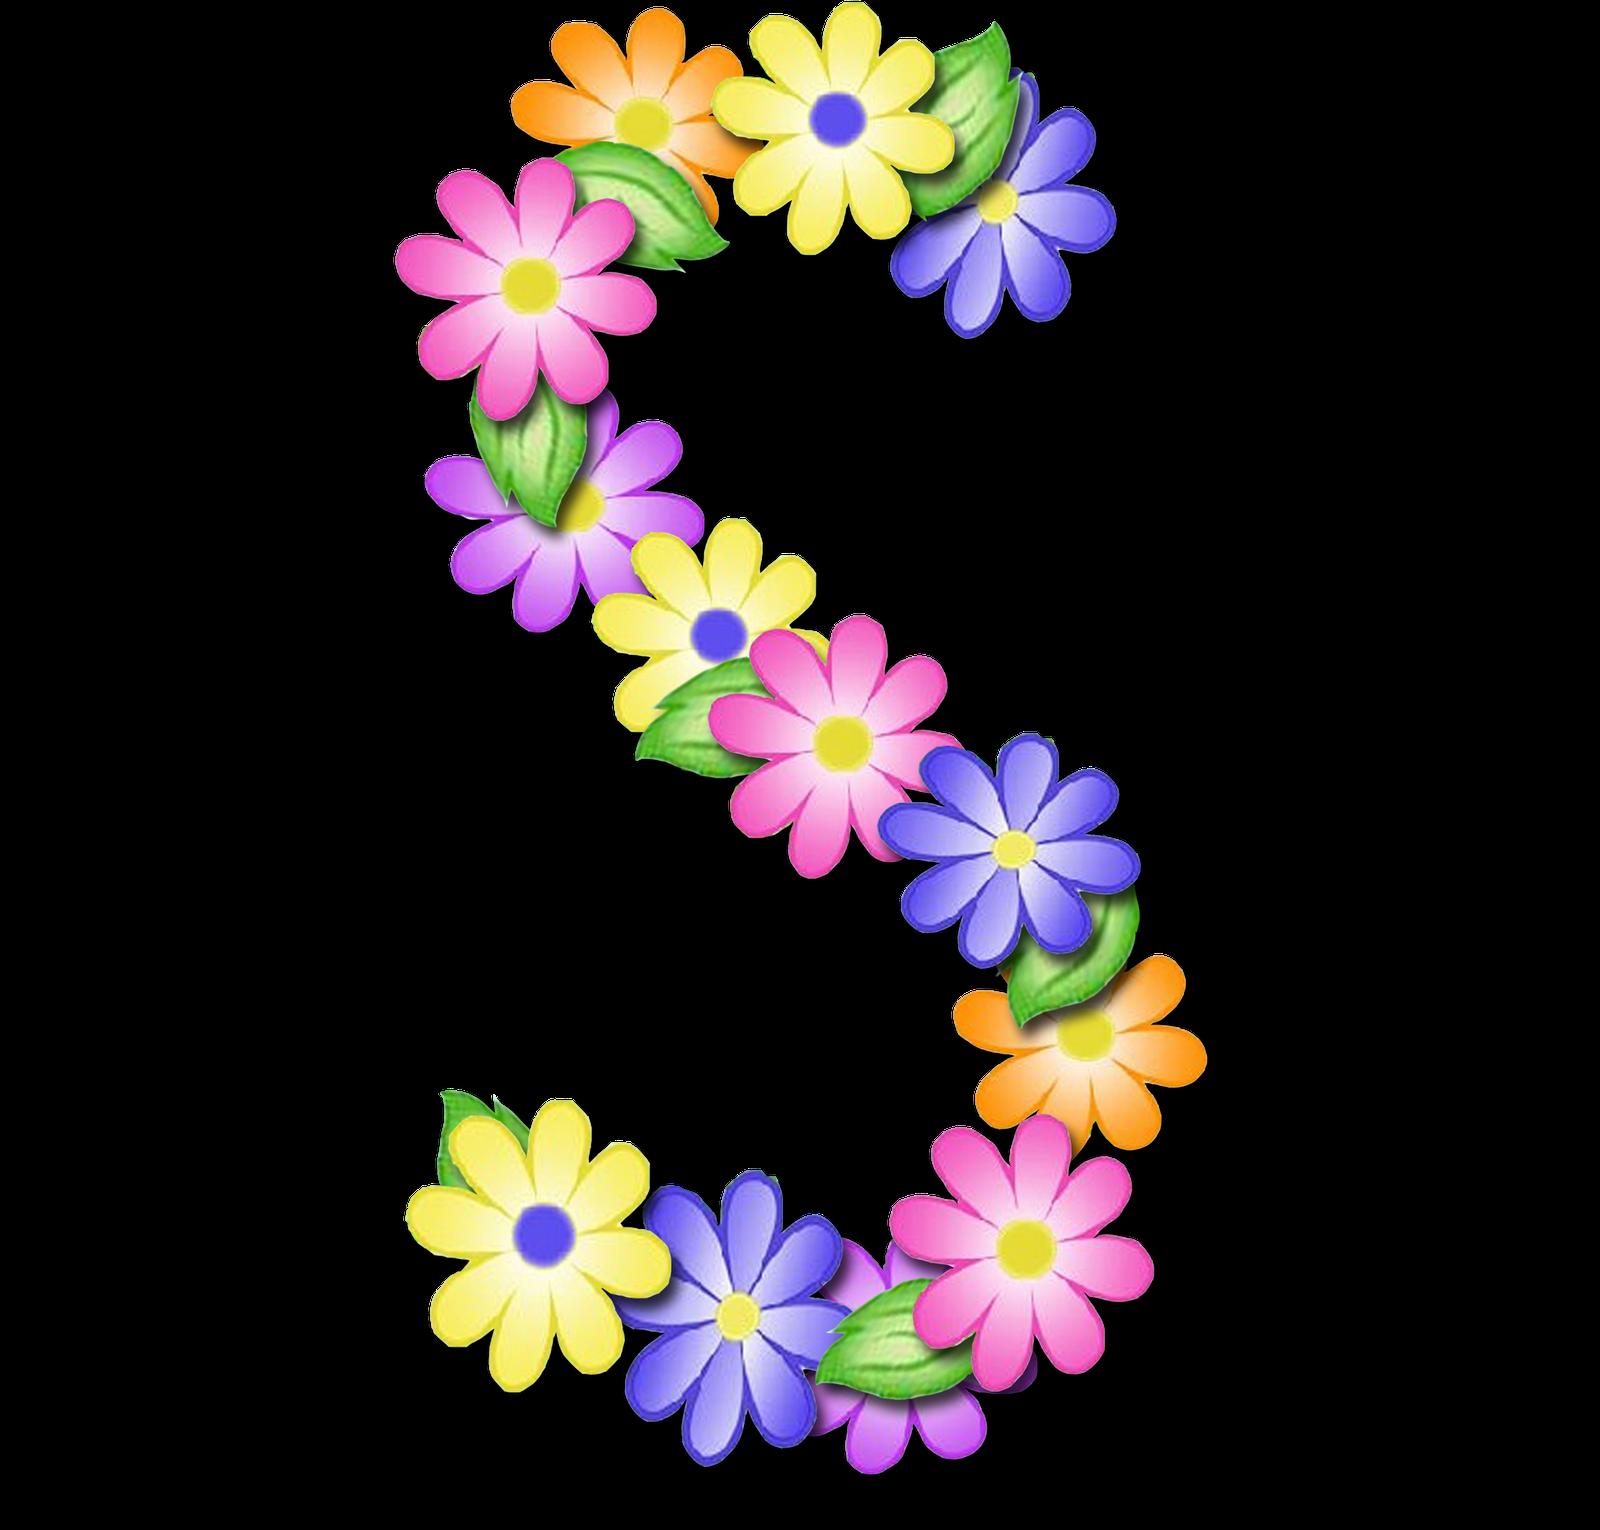 صور الحروف الإنجليزية بأجمل الزهور والورود بخلفية شفافة بنج png وجودة عالية للمصممين :: إبحث عن حروف إسمك بالإنجليزية - صفحة 2 S